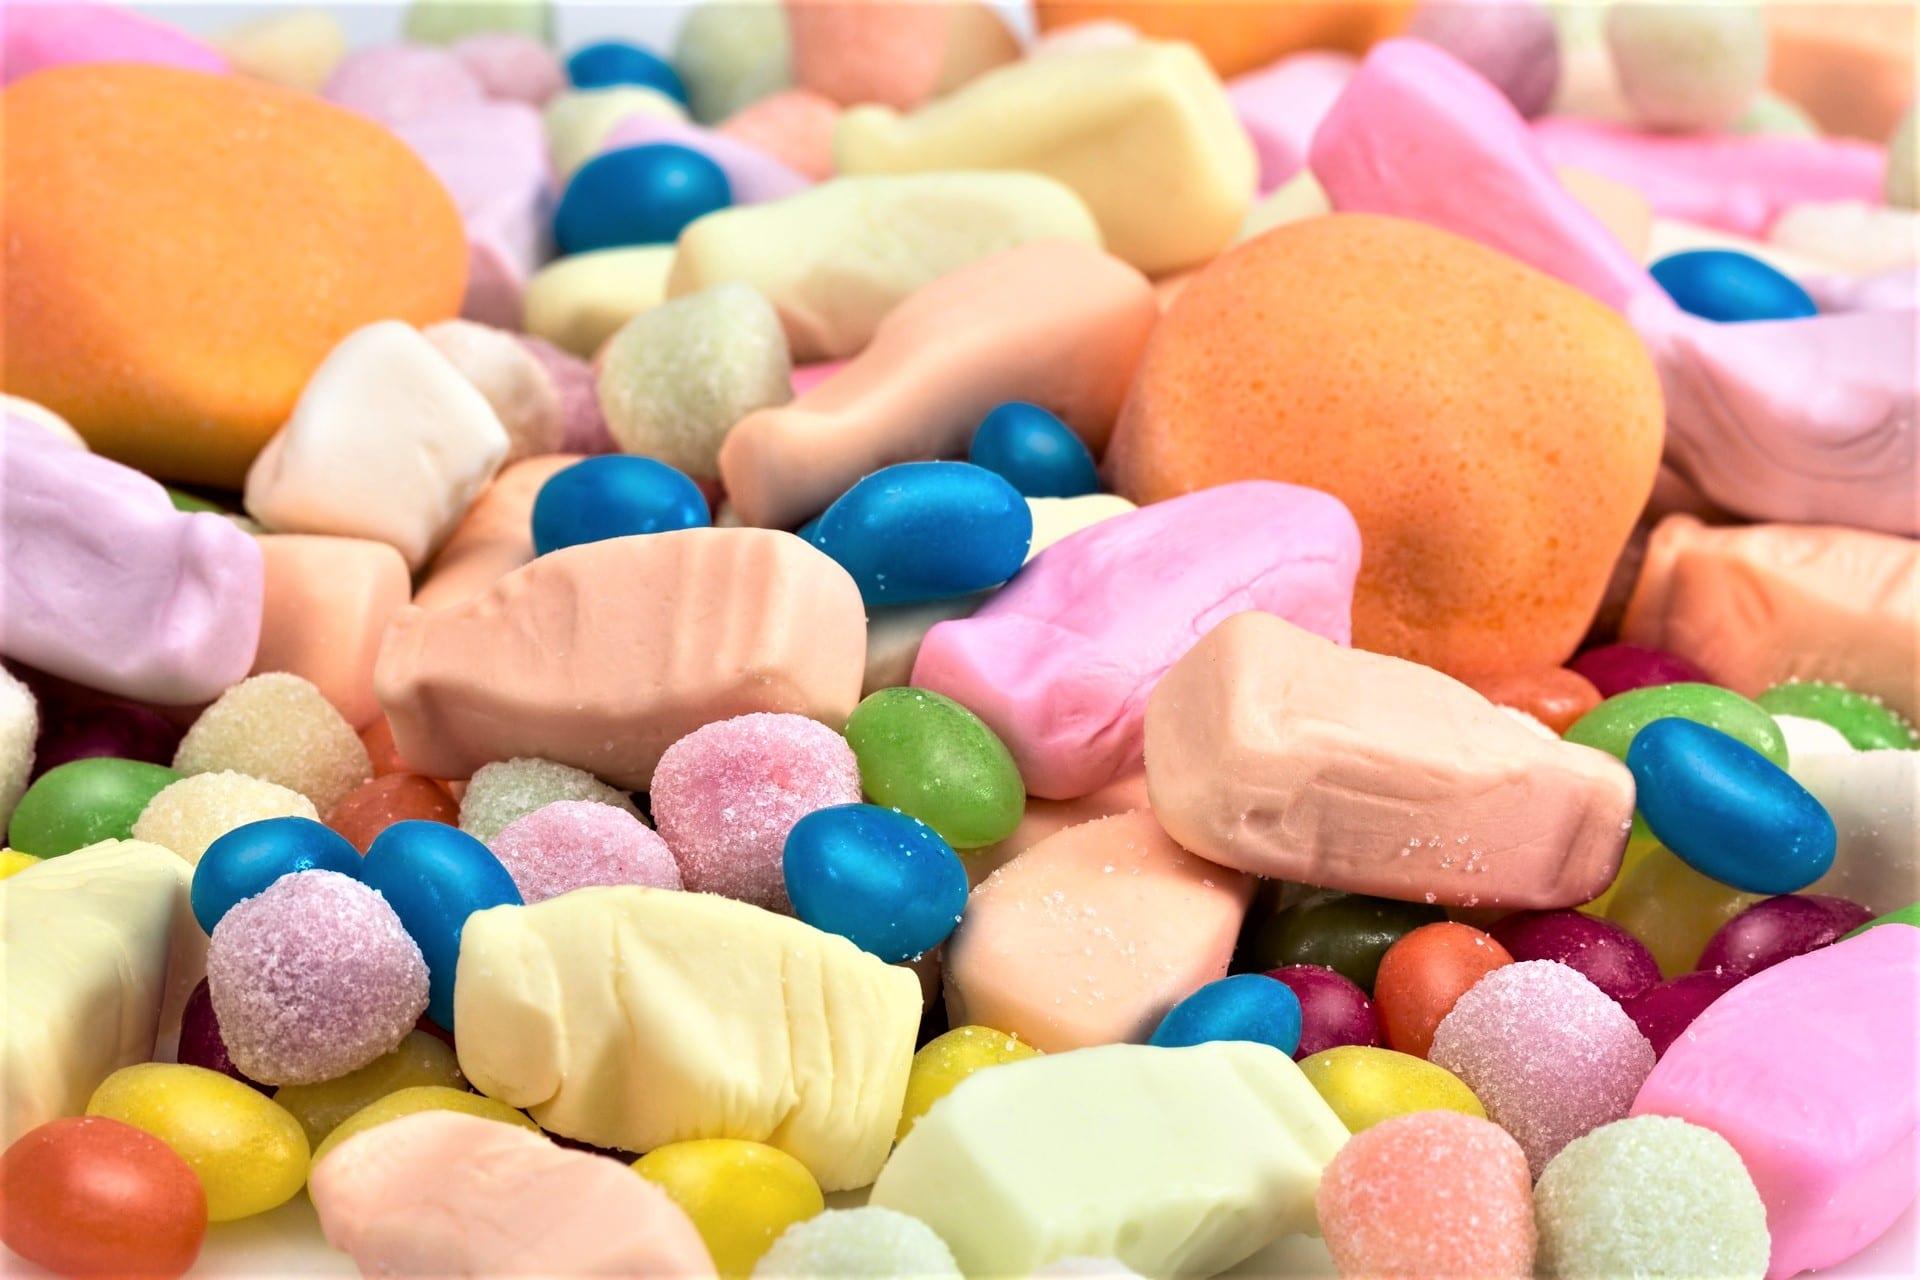 Zucker für Kinder, Süßigkeiten, Gummibärchen, Fruchttiere